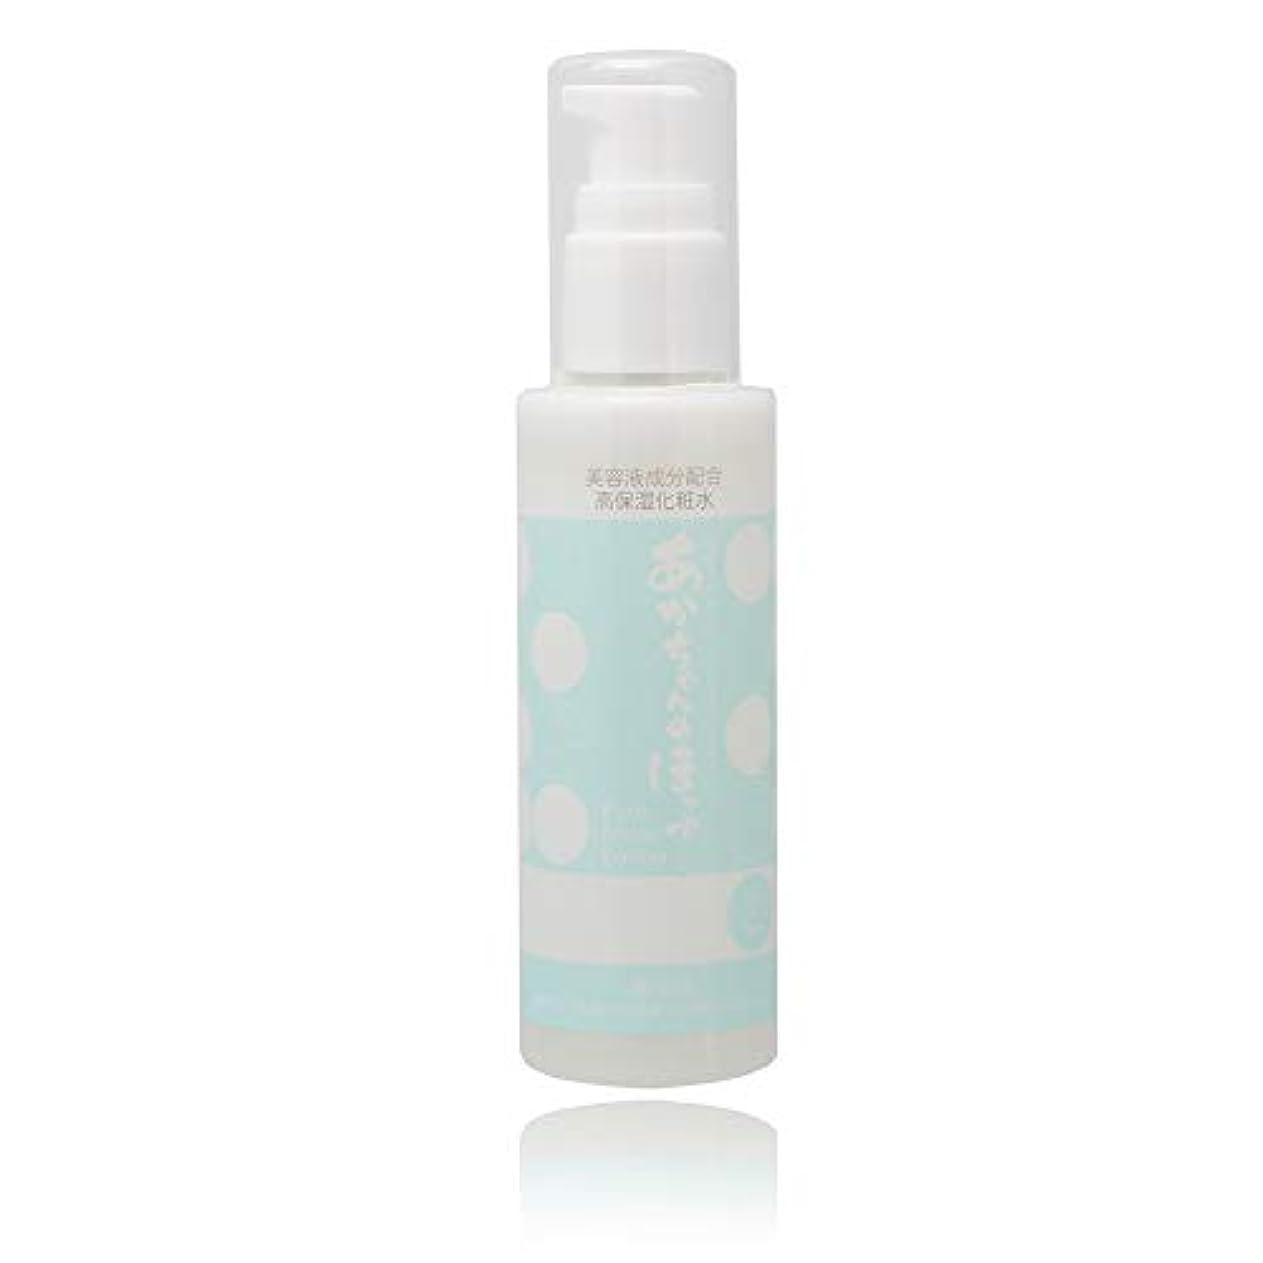 美容液からつくった高保湿栄養化粧水 「あかちゃんのほっぺ」 PureMoist 80ml 明日のお肌が好きになる化粧水